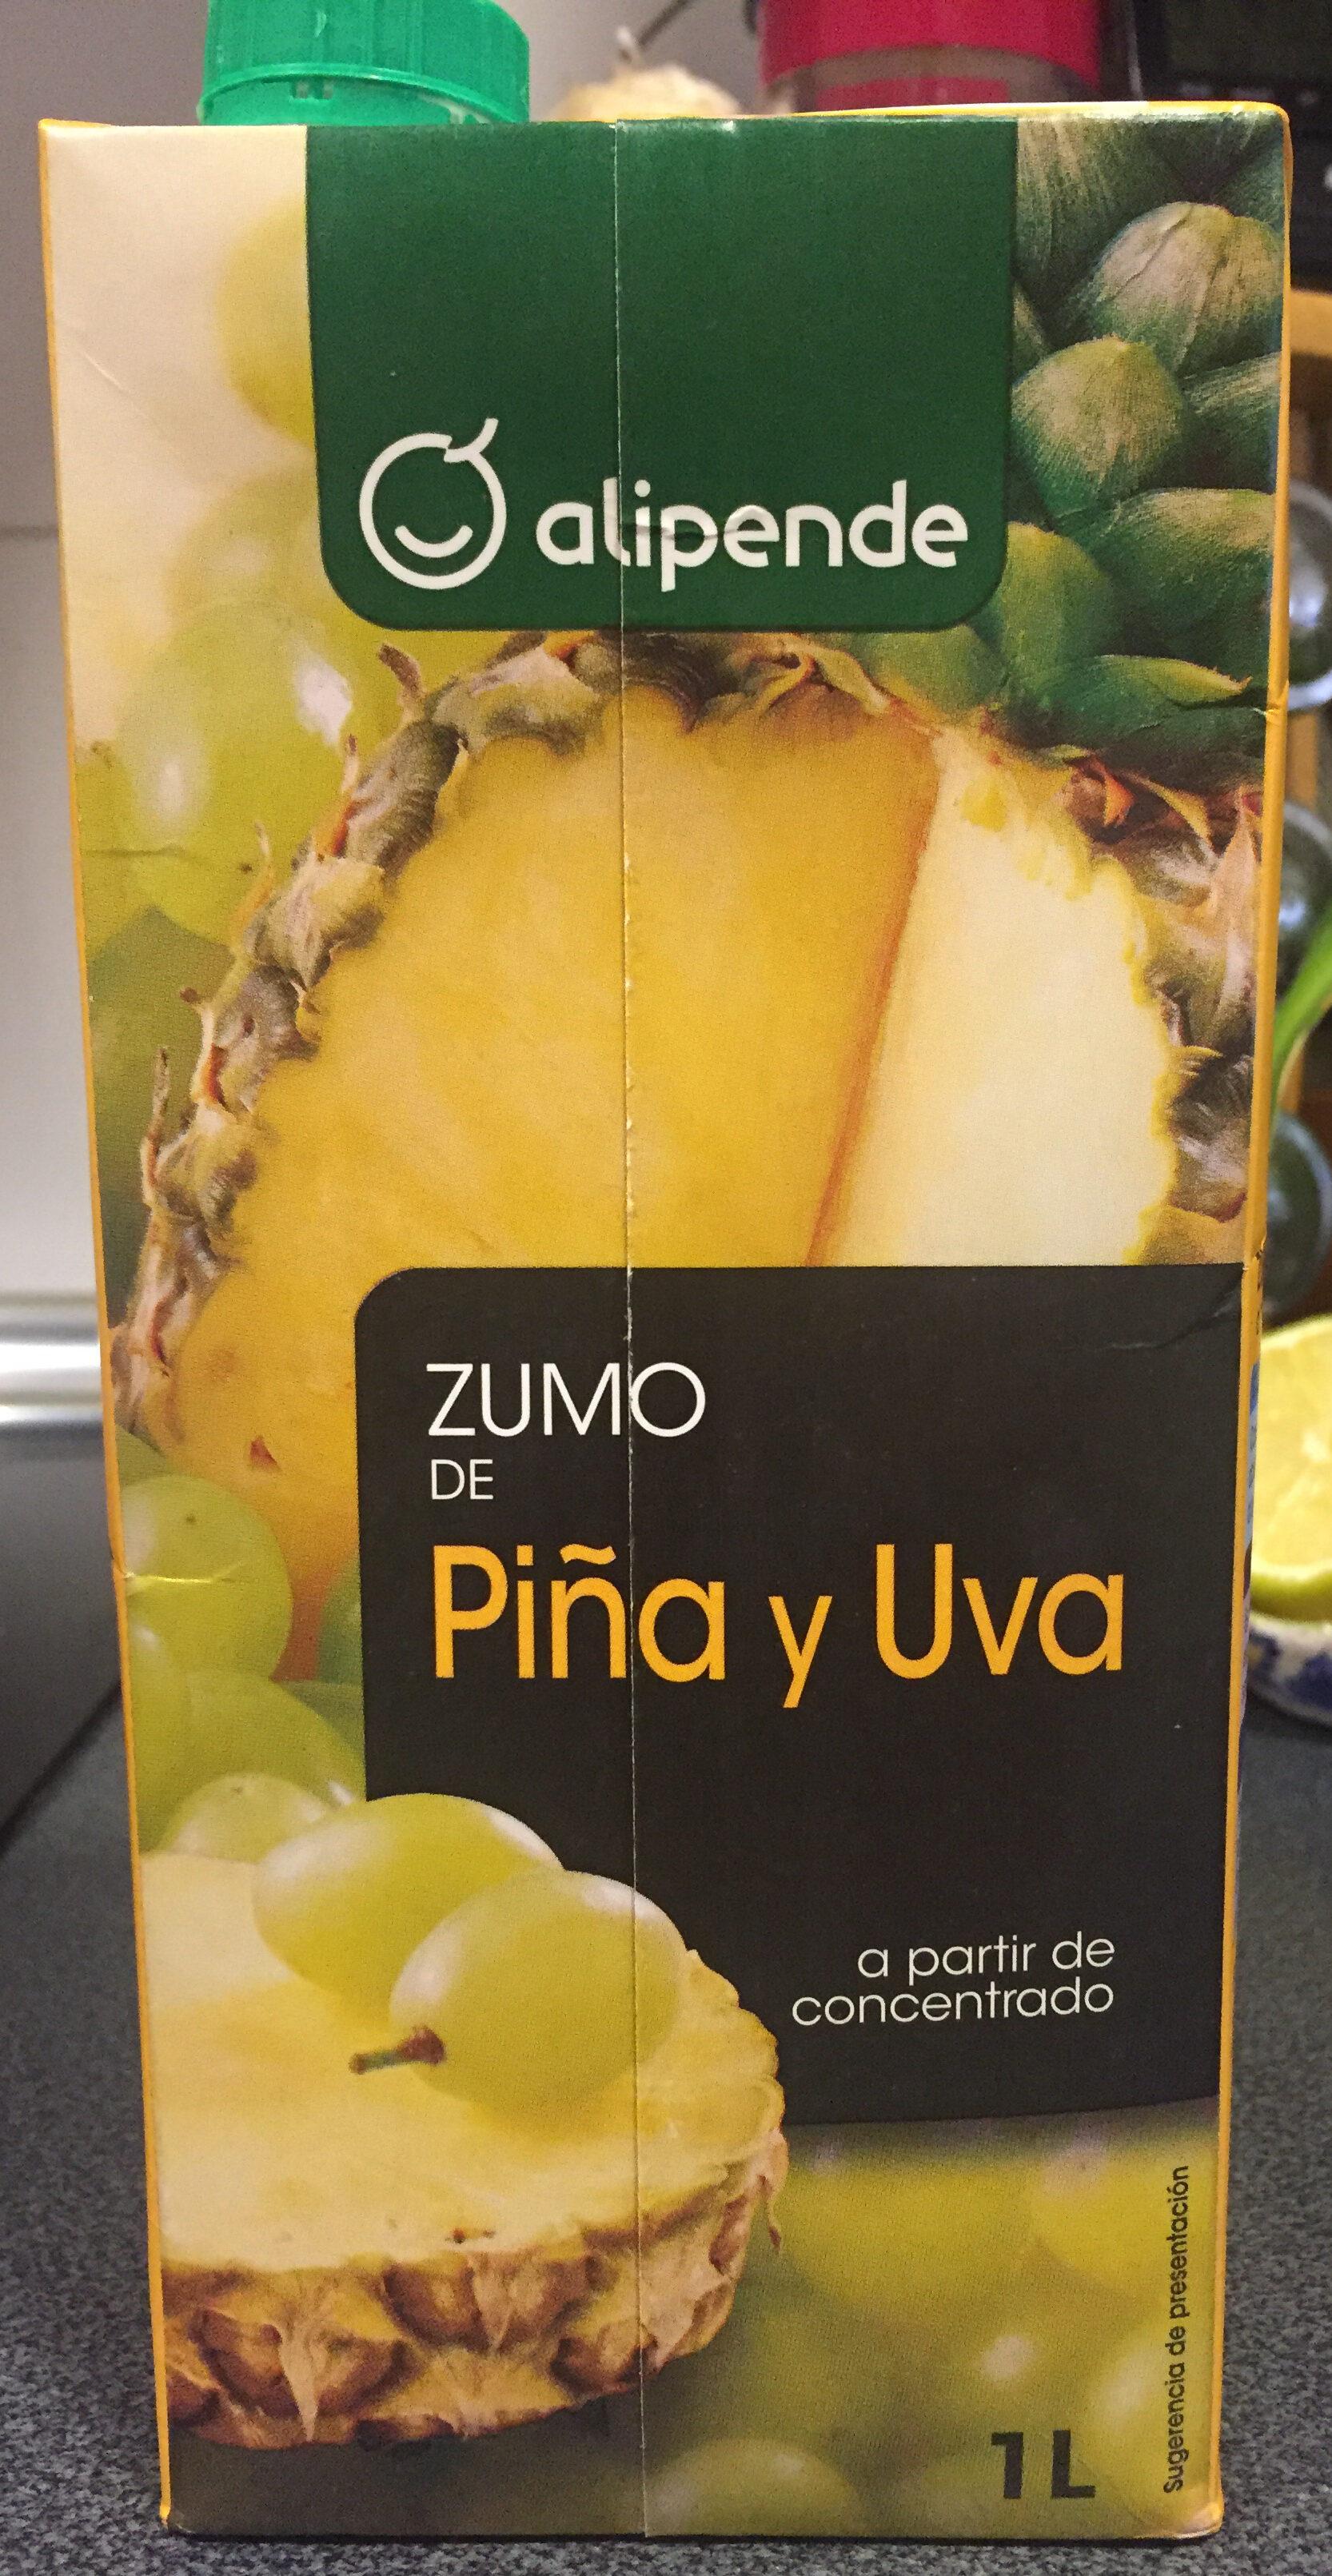 Zumo de piña y uva - Producto